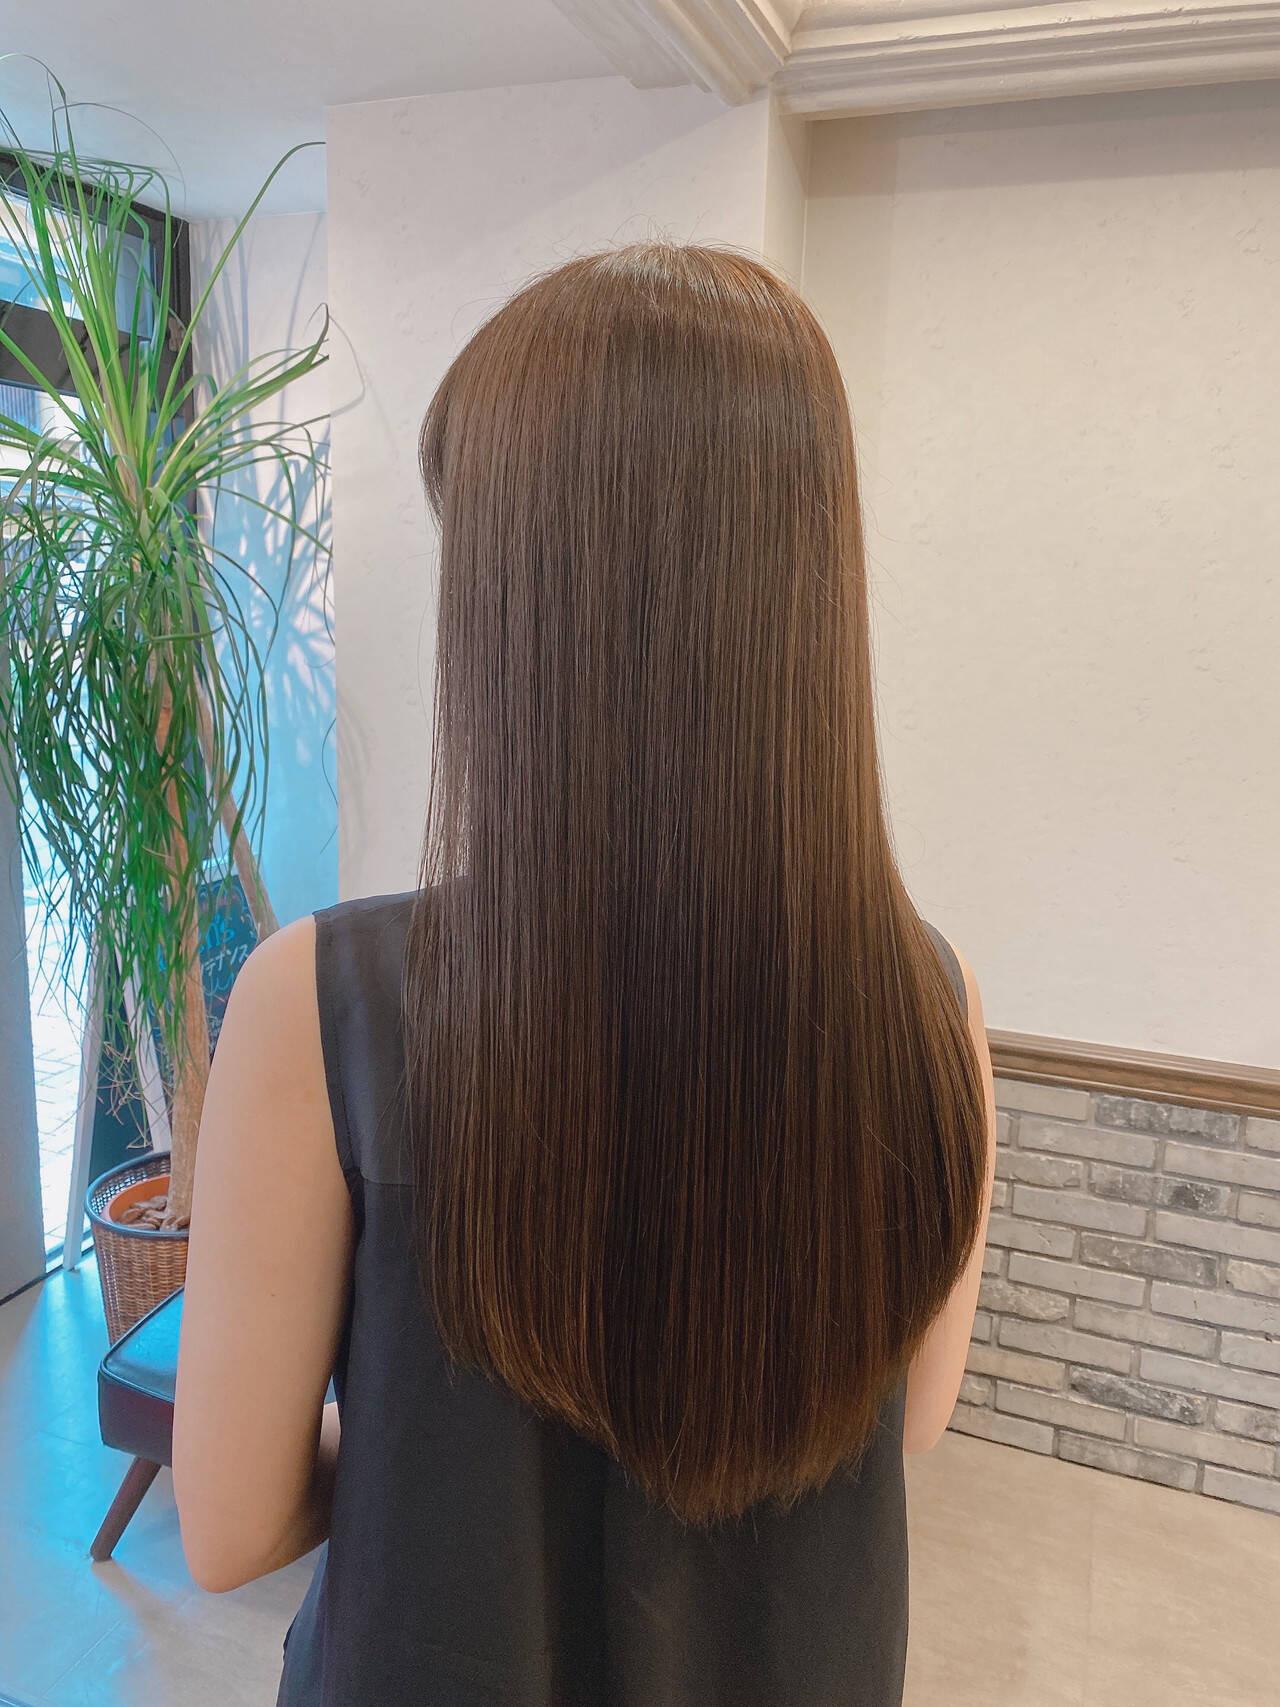 髪がうるつや(パサツキNO) 長田大輔  Brillar